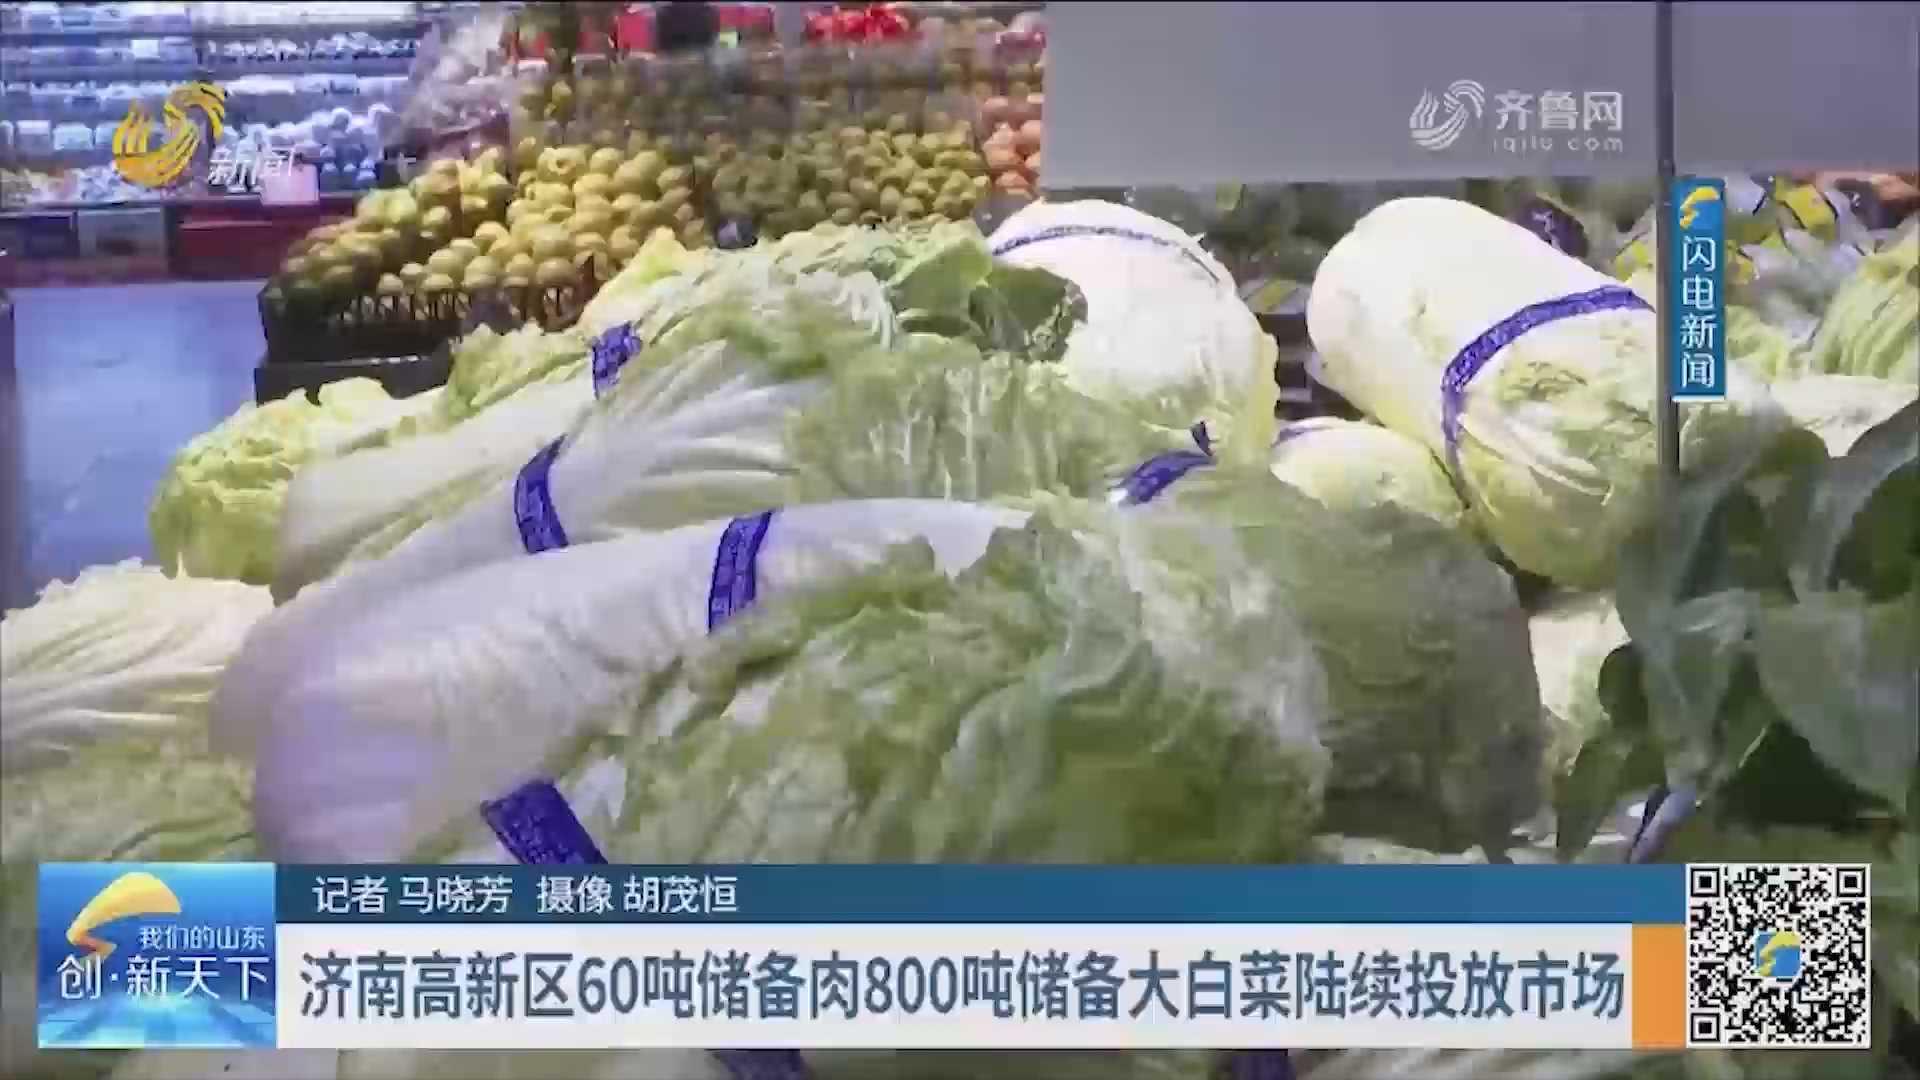 济南高新区60吨储备肉 800吨大白菜陆续投放市场